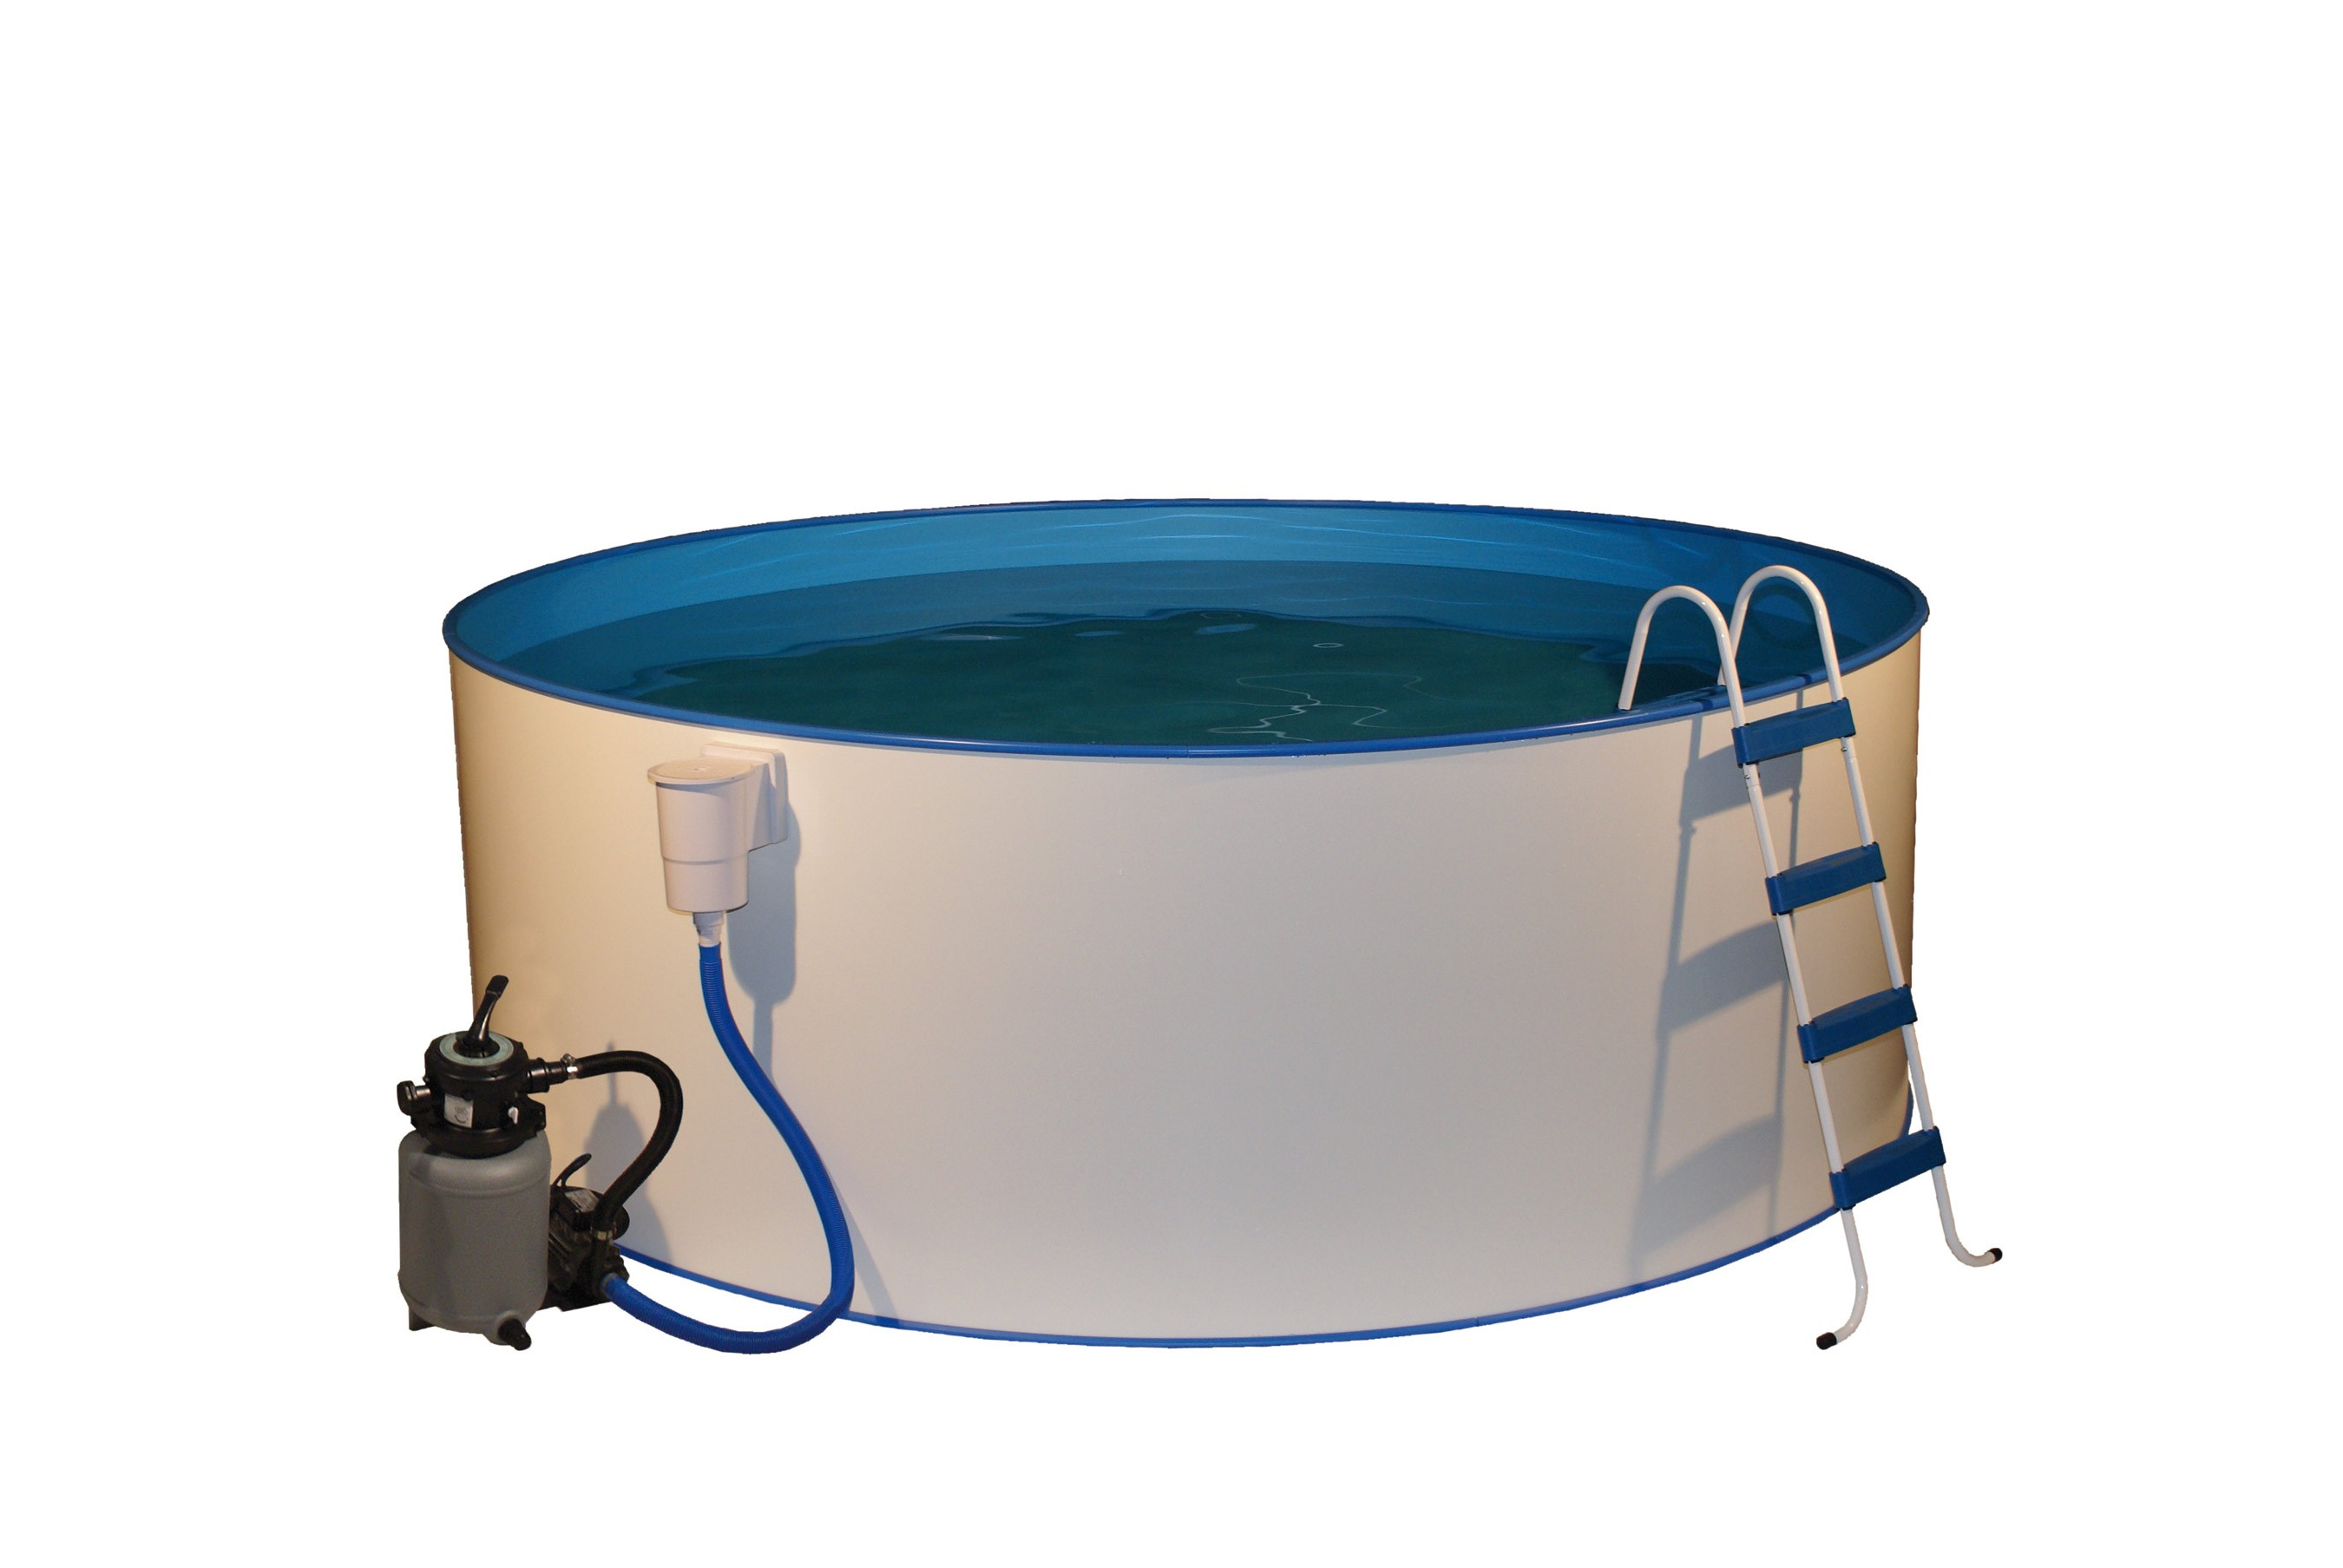 pool schwimmbecken trend rund mit sandfilter 3 50x1 20m. Black Bedroom Furniture Sets. Home Design Ideas